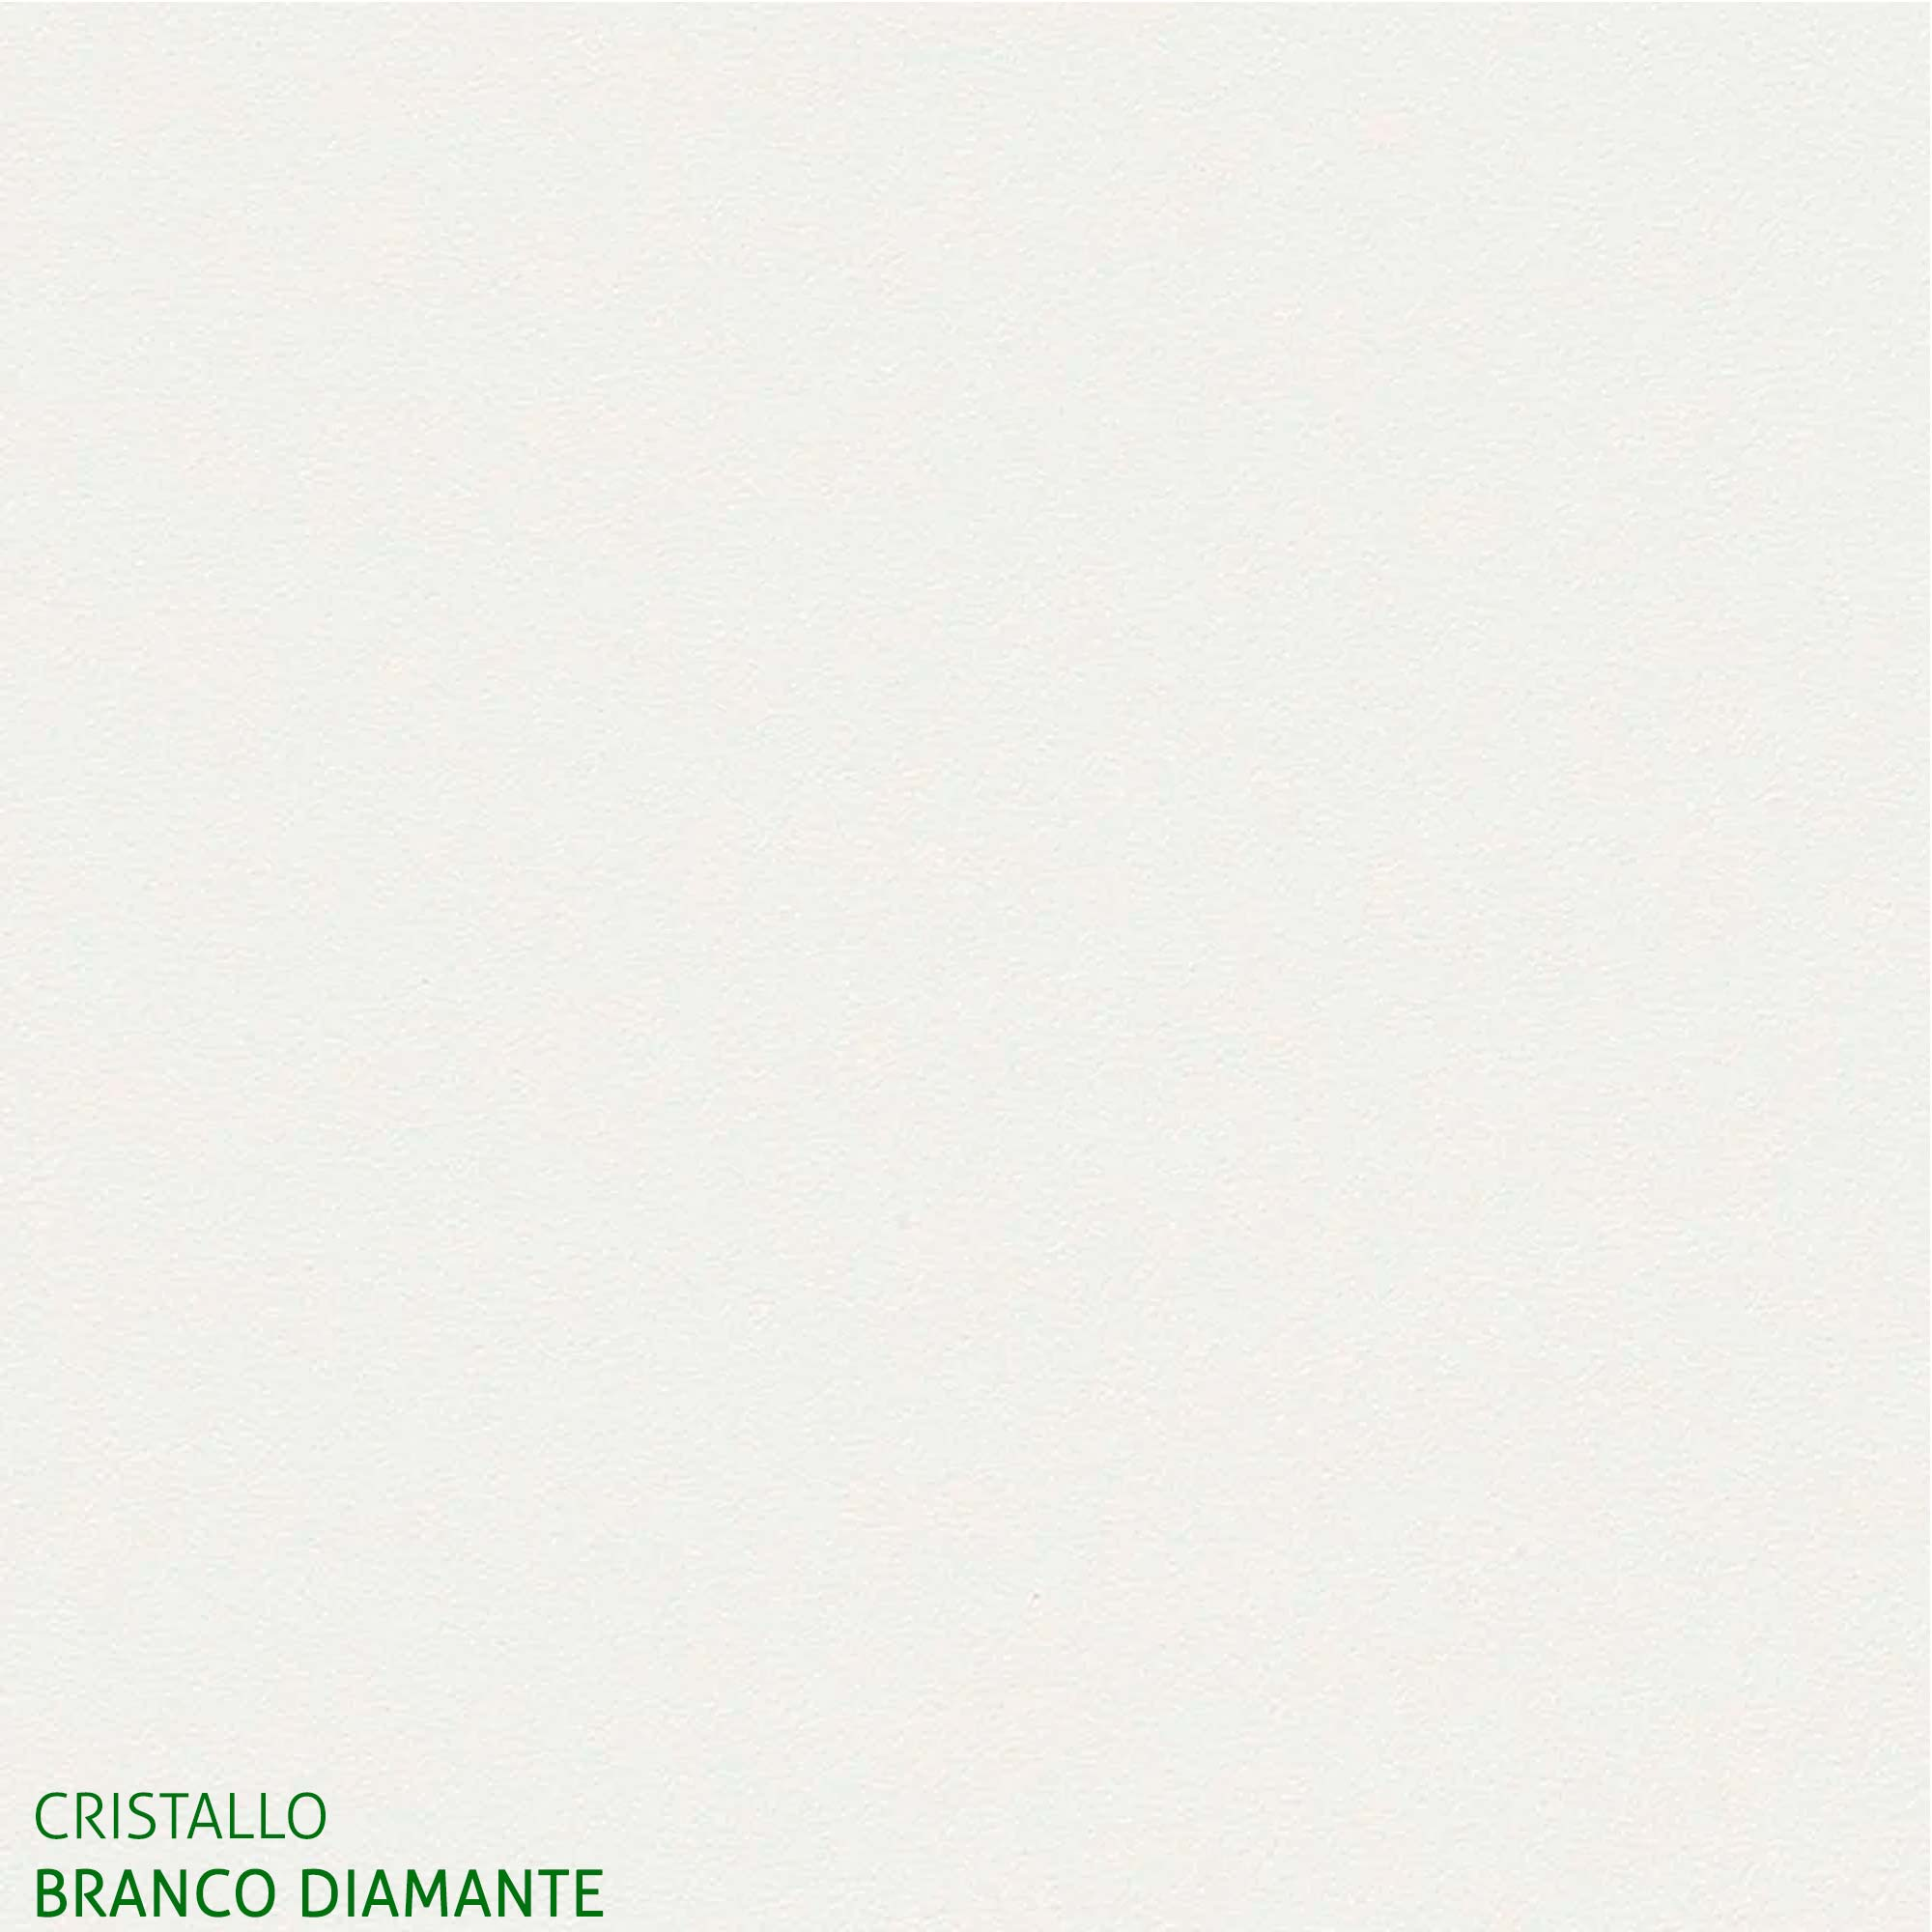 MDF Cristallo Branco Diamante 2.750 x 1.840 mm Duratex